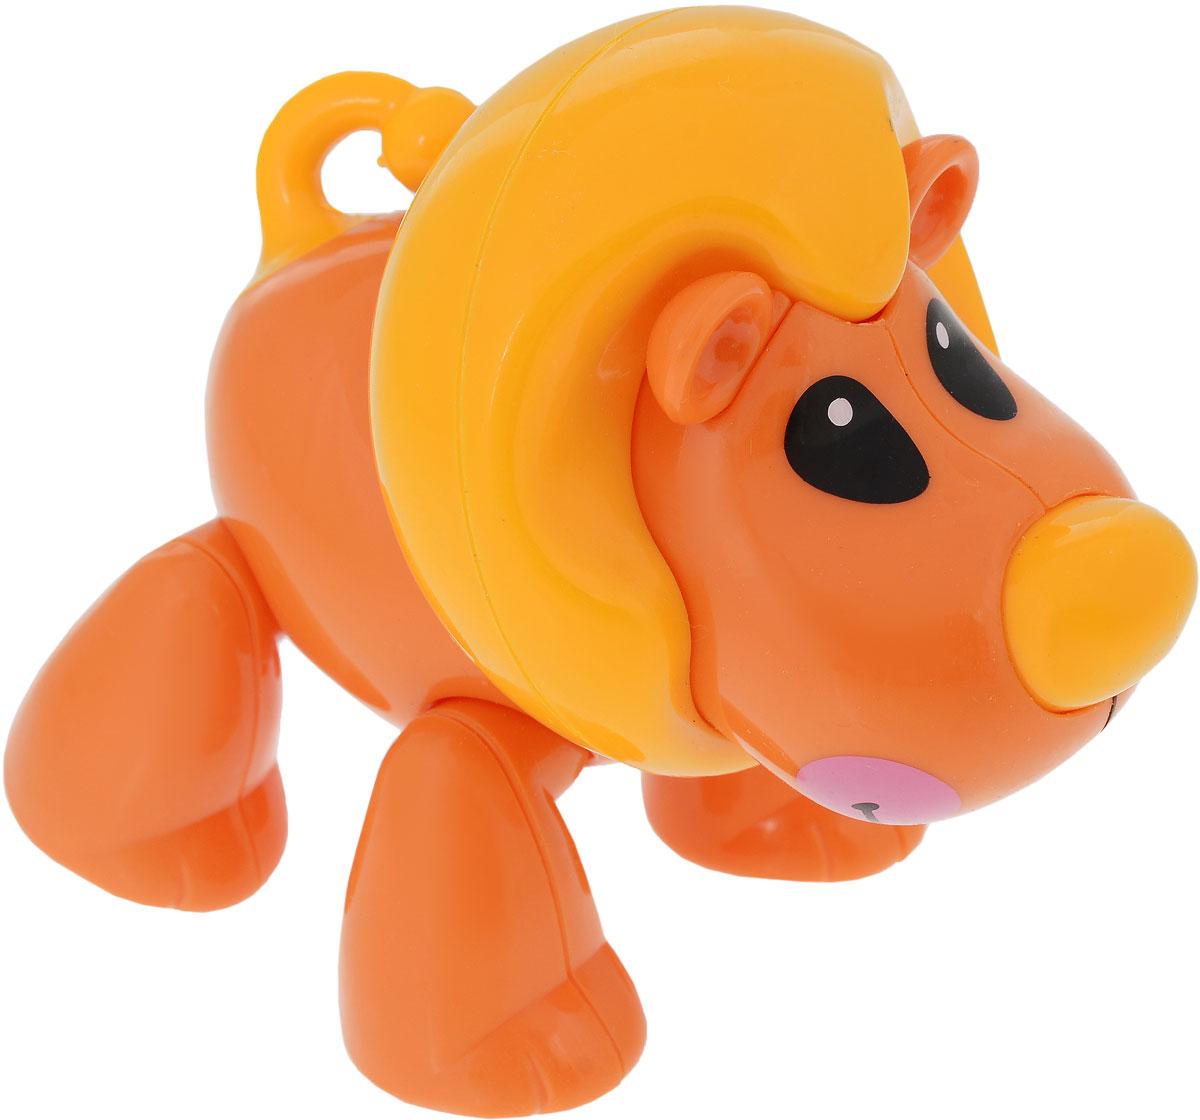 1TOY Фигурка В мире животных Лев цвет оранжевый автомат пулемет 1toy т58356 камуфляж